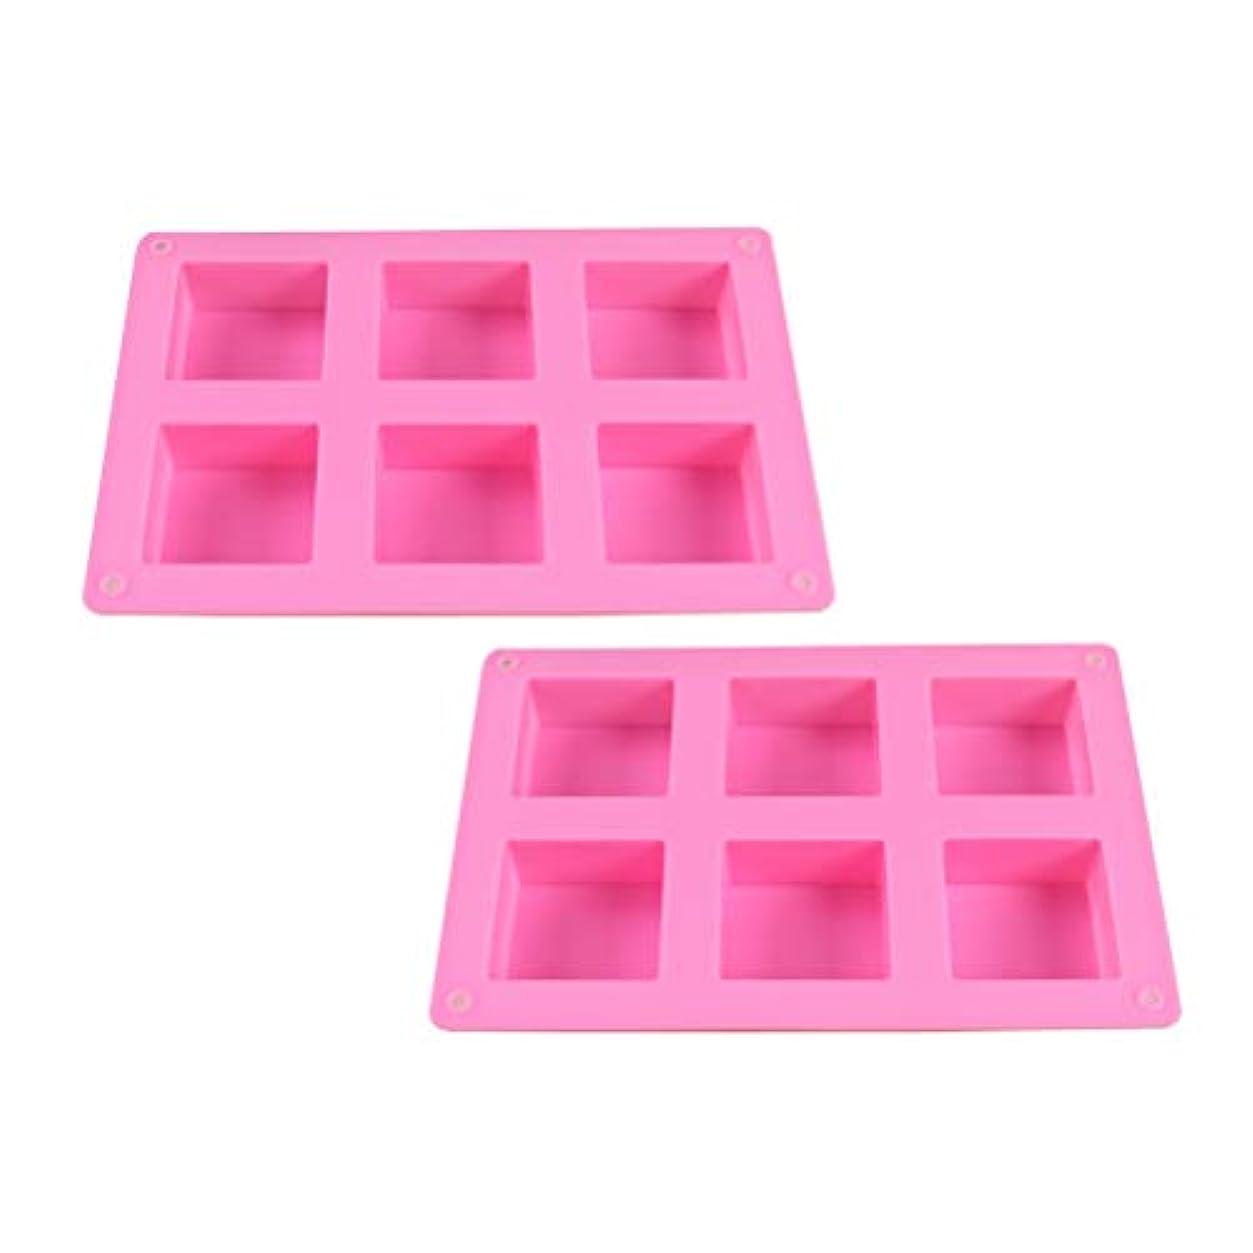 多年生合理的物理的なHEALIFTY DIYのケーキのベーキング型のための6つのキャビティシリコーンの石鹸型との石鹸作りのための2PCS石鹸型